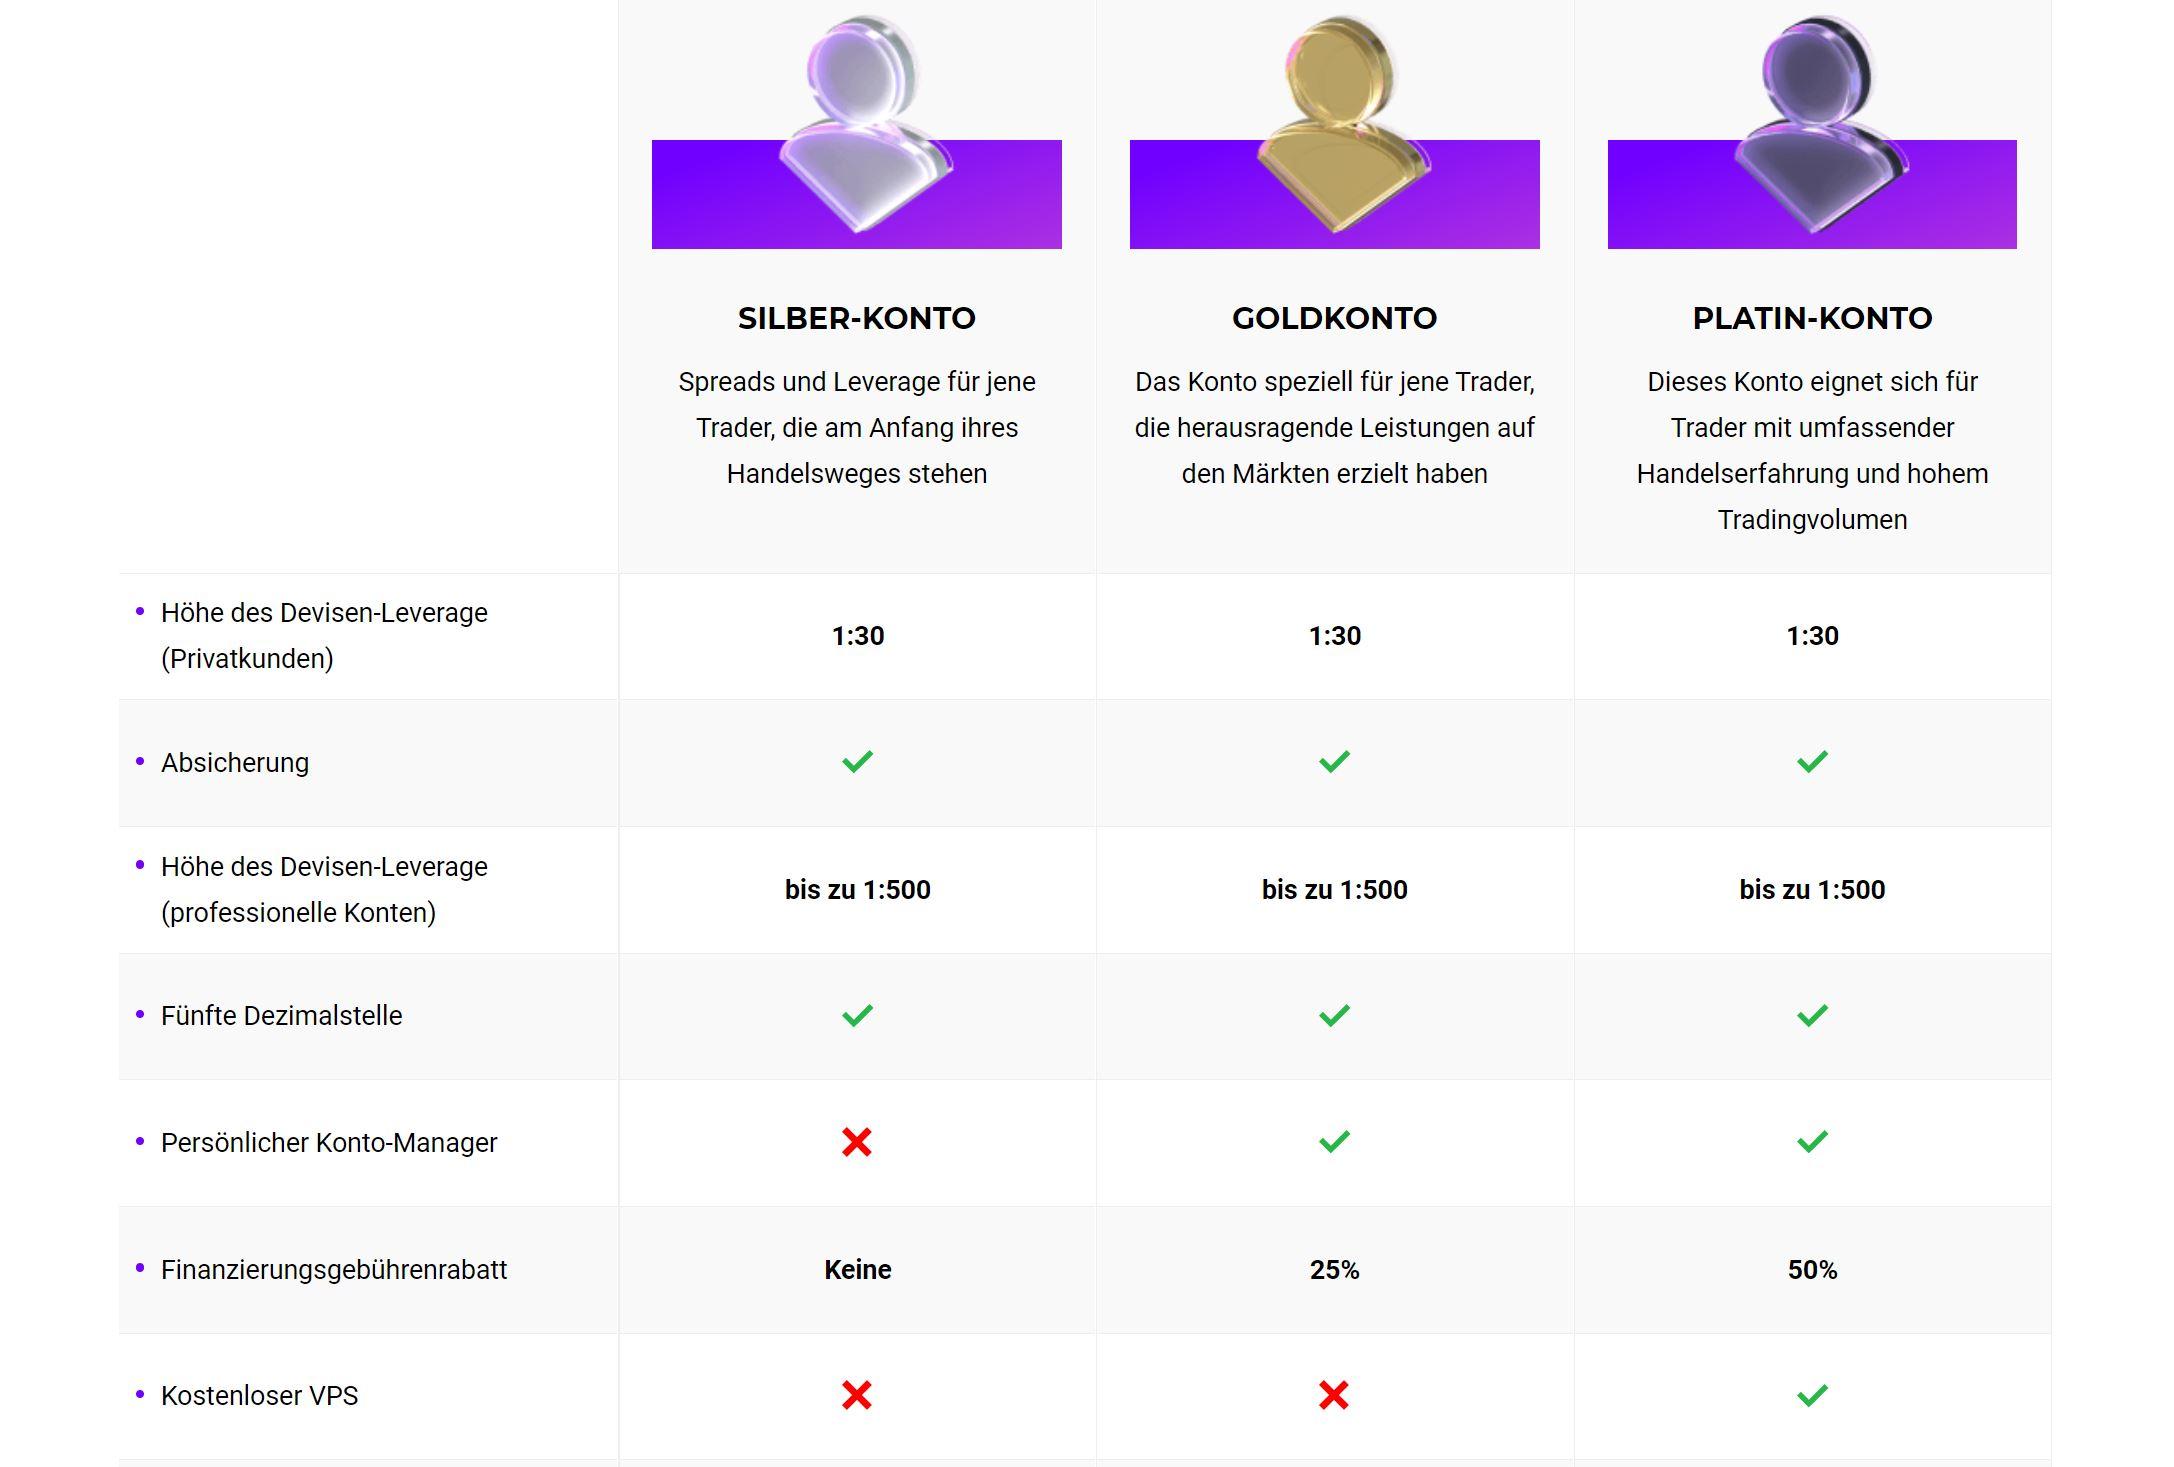 Краткий обзор моделей аккаунтов Capixal.com